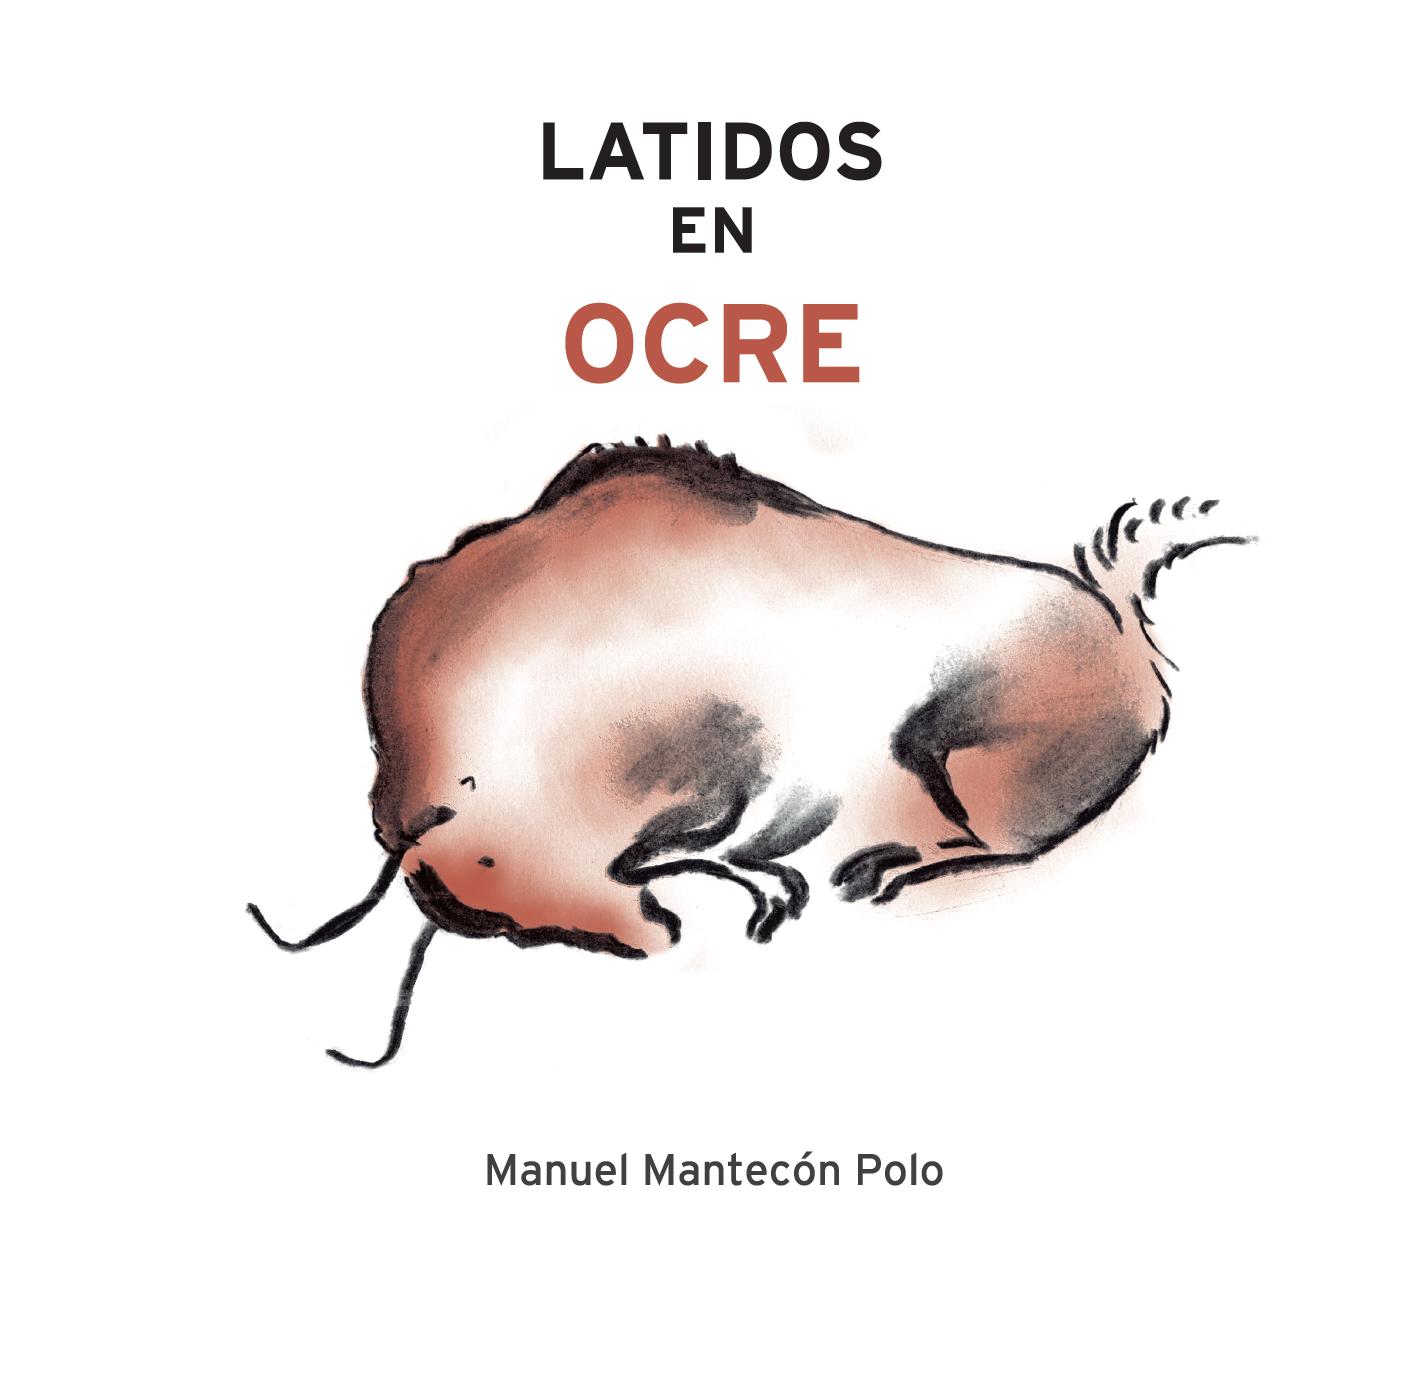 Latidos en ocre. Album ilustrado de Manuel Mantecón